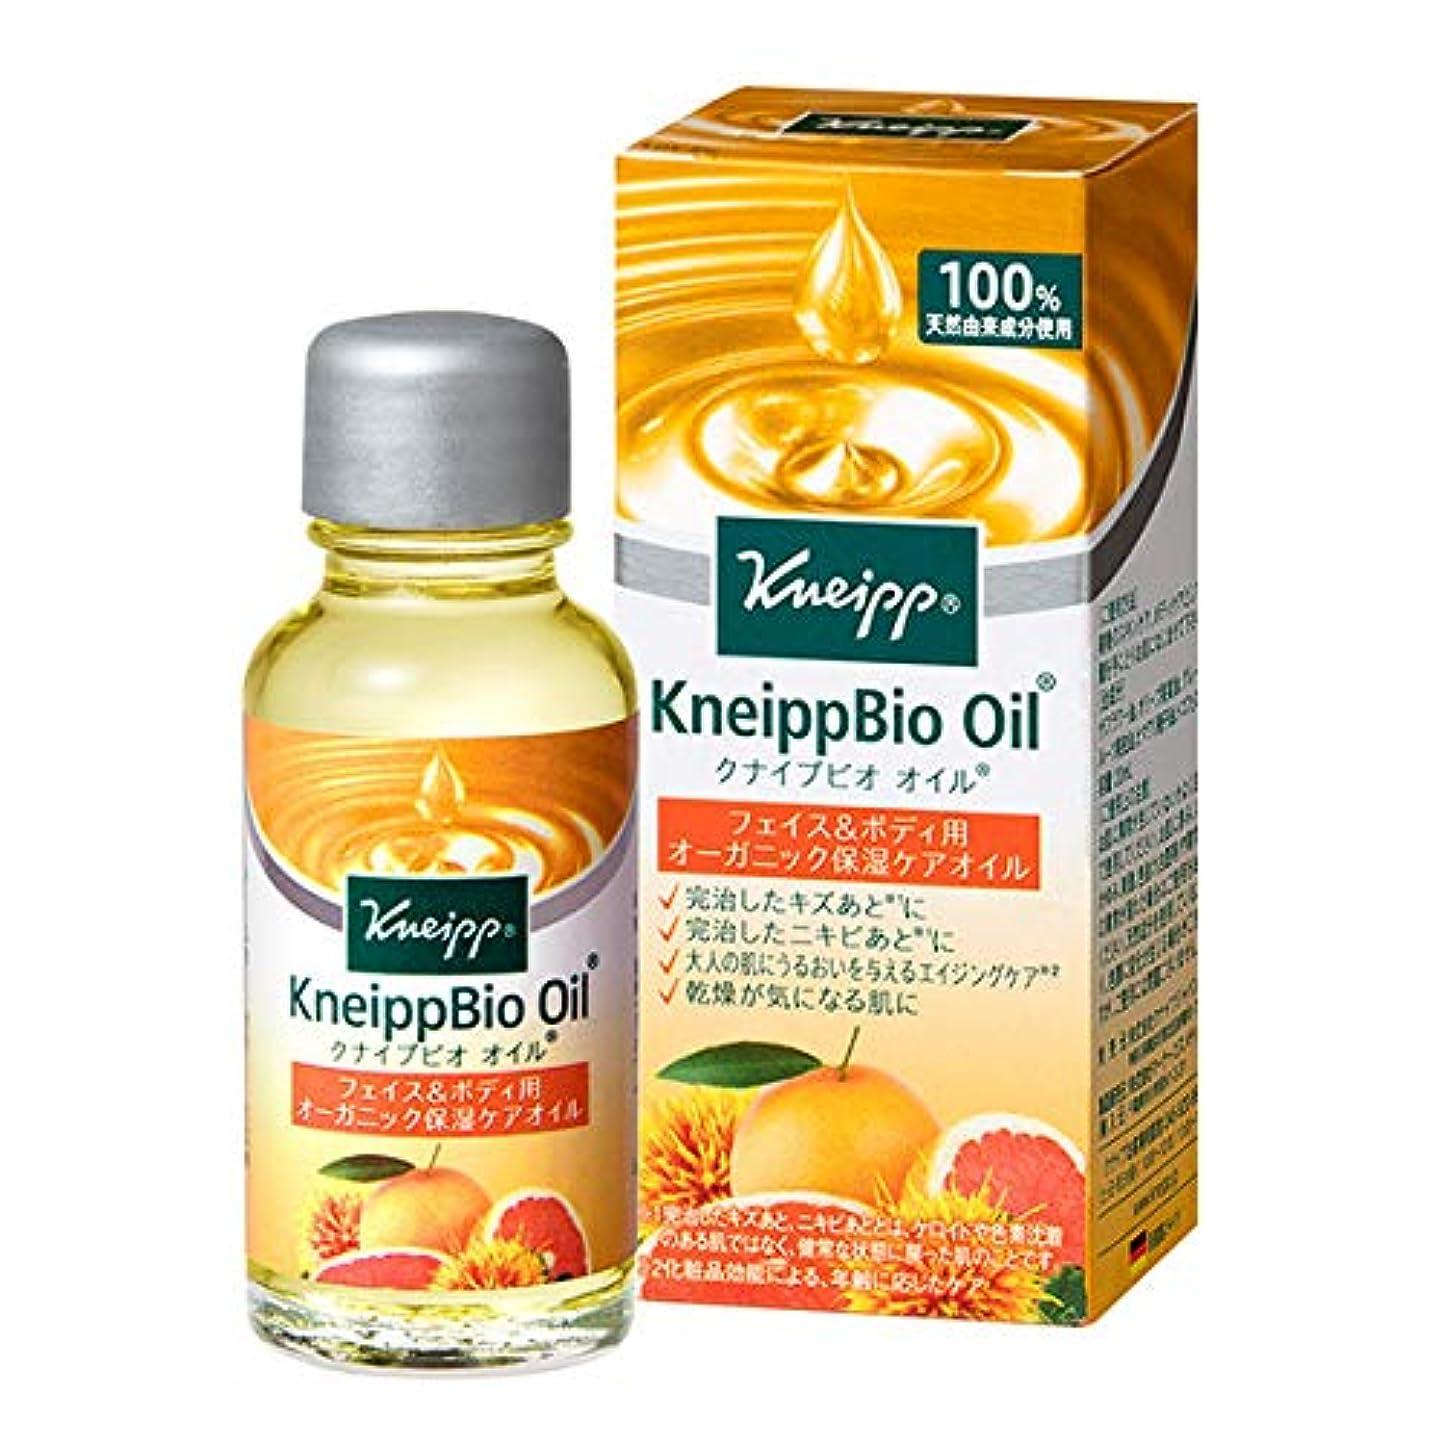 承認する溶かす椅子クナイプ(Kneipp) クナイプビオ オイル20mL 美容液